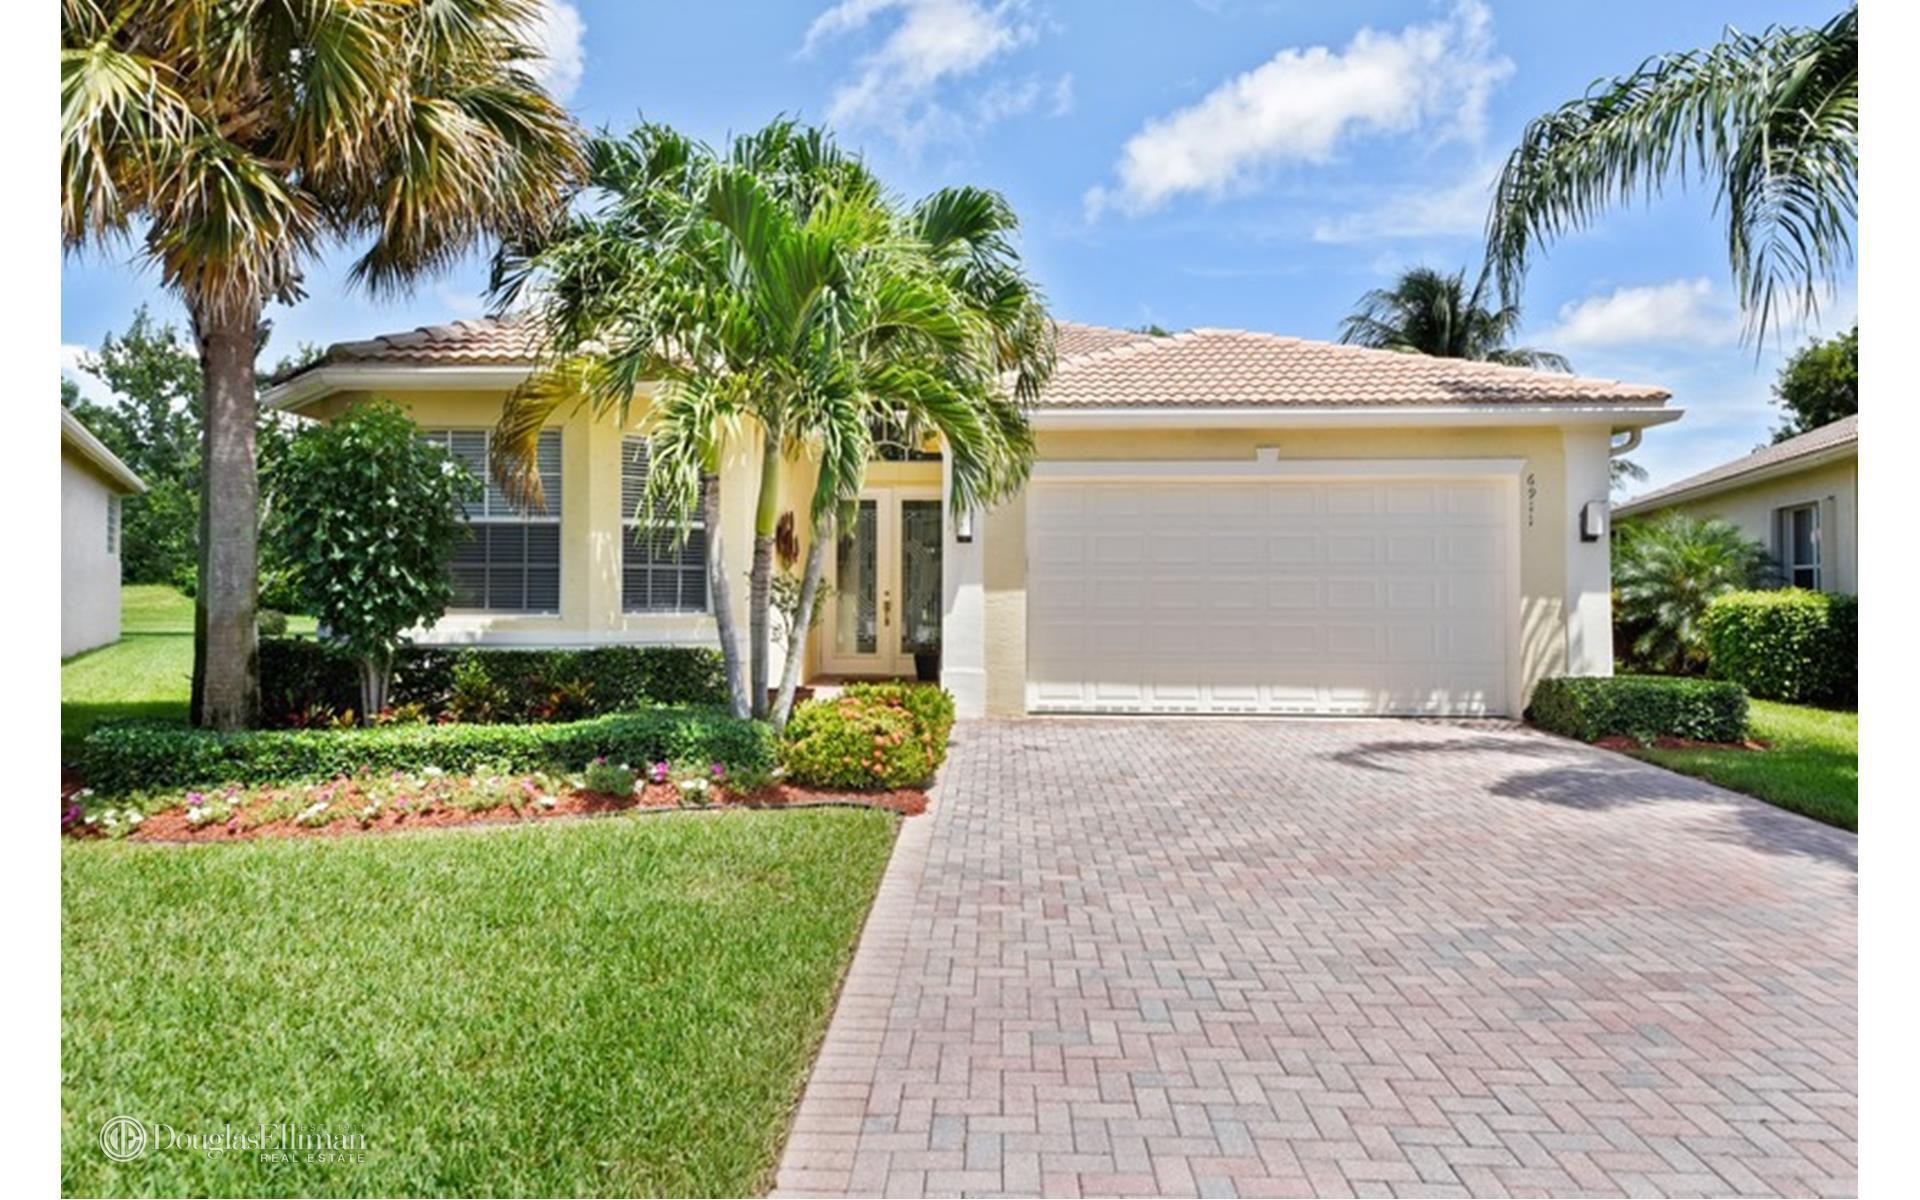 6911 Imperial Beach Cir For Sale - Delray Beach, FL   Trulia